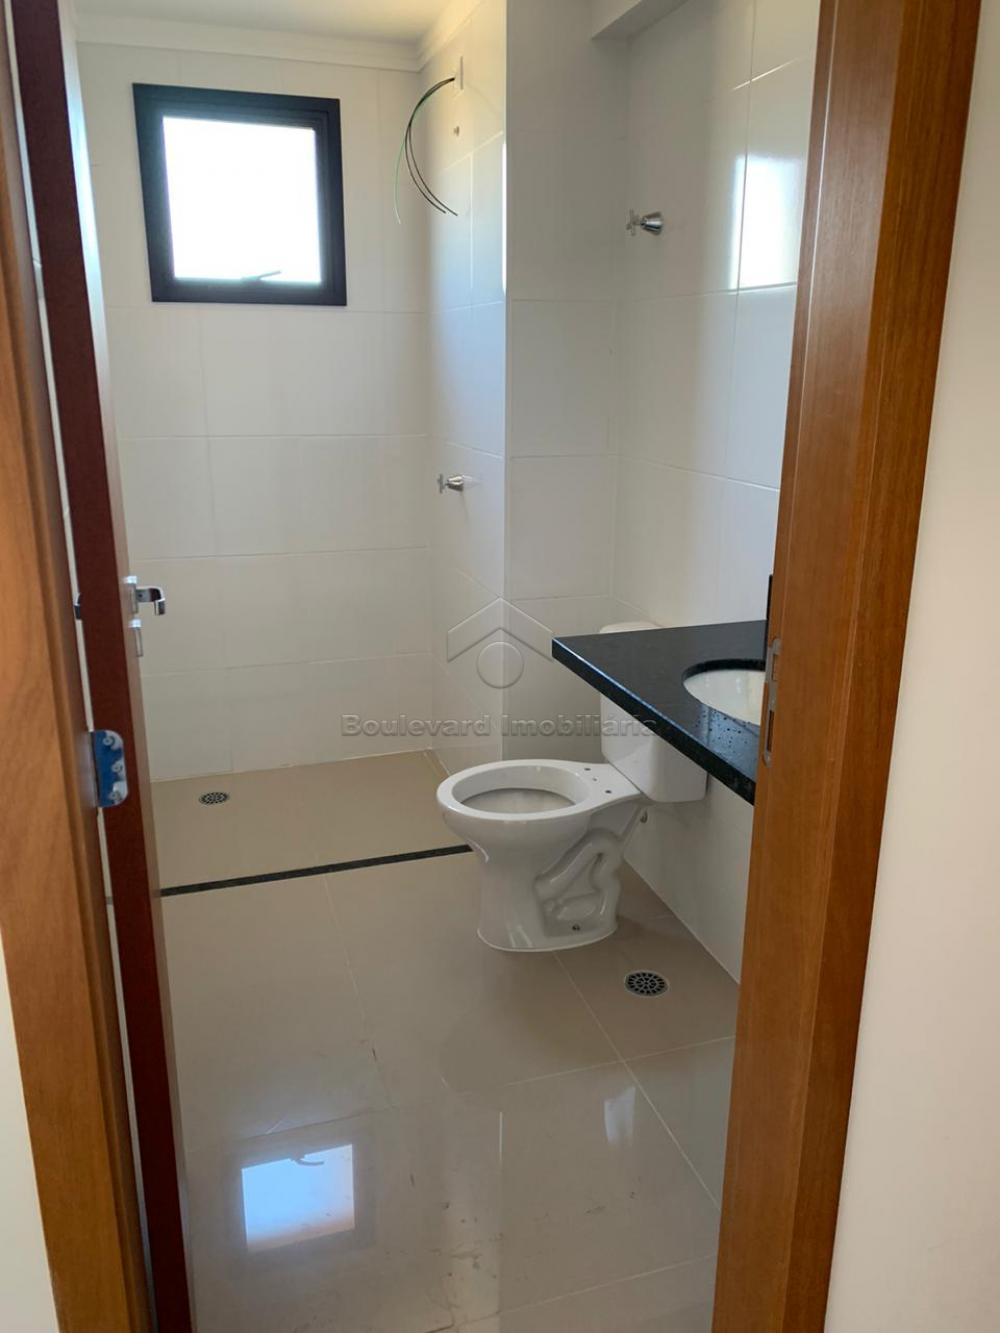 Comprar Apartamento / Padrão em Ribeirão Preto apenas R$ 210.000,00 - Foto 4